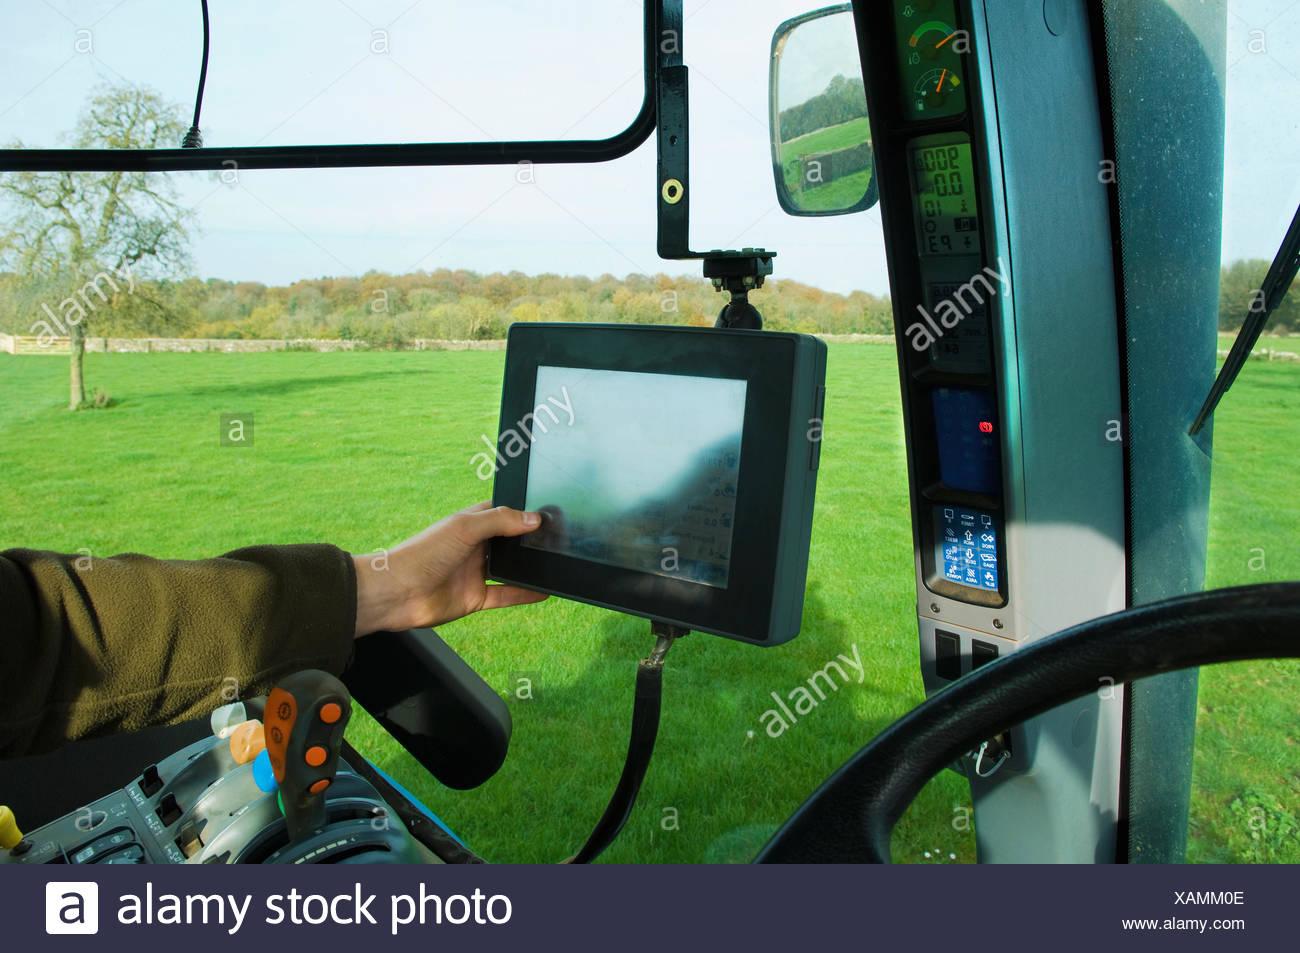 L'équipement technique à bord d'un tracteur, d'une part de toucher un écran tactile. Photo Stock